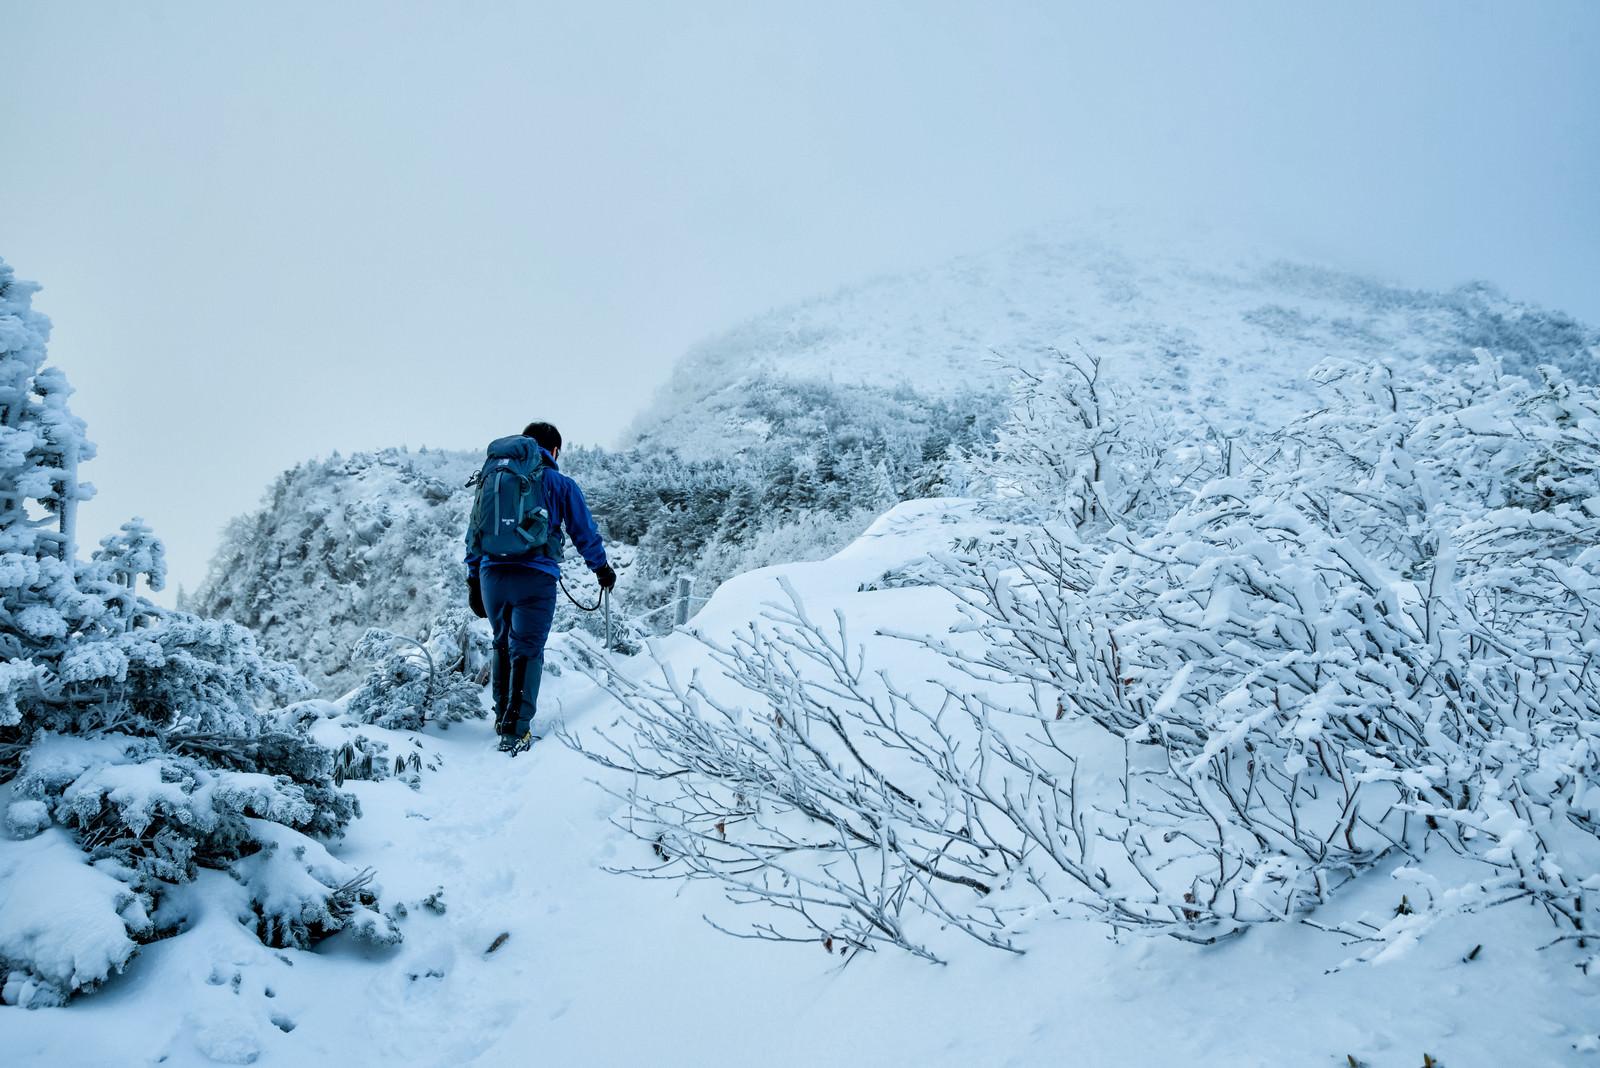 「立ち込めたガスで隠れる山頂を目指す登山者」の写真